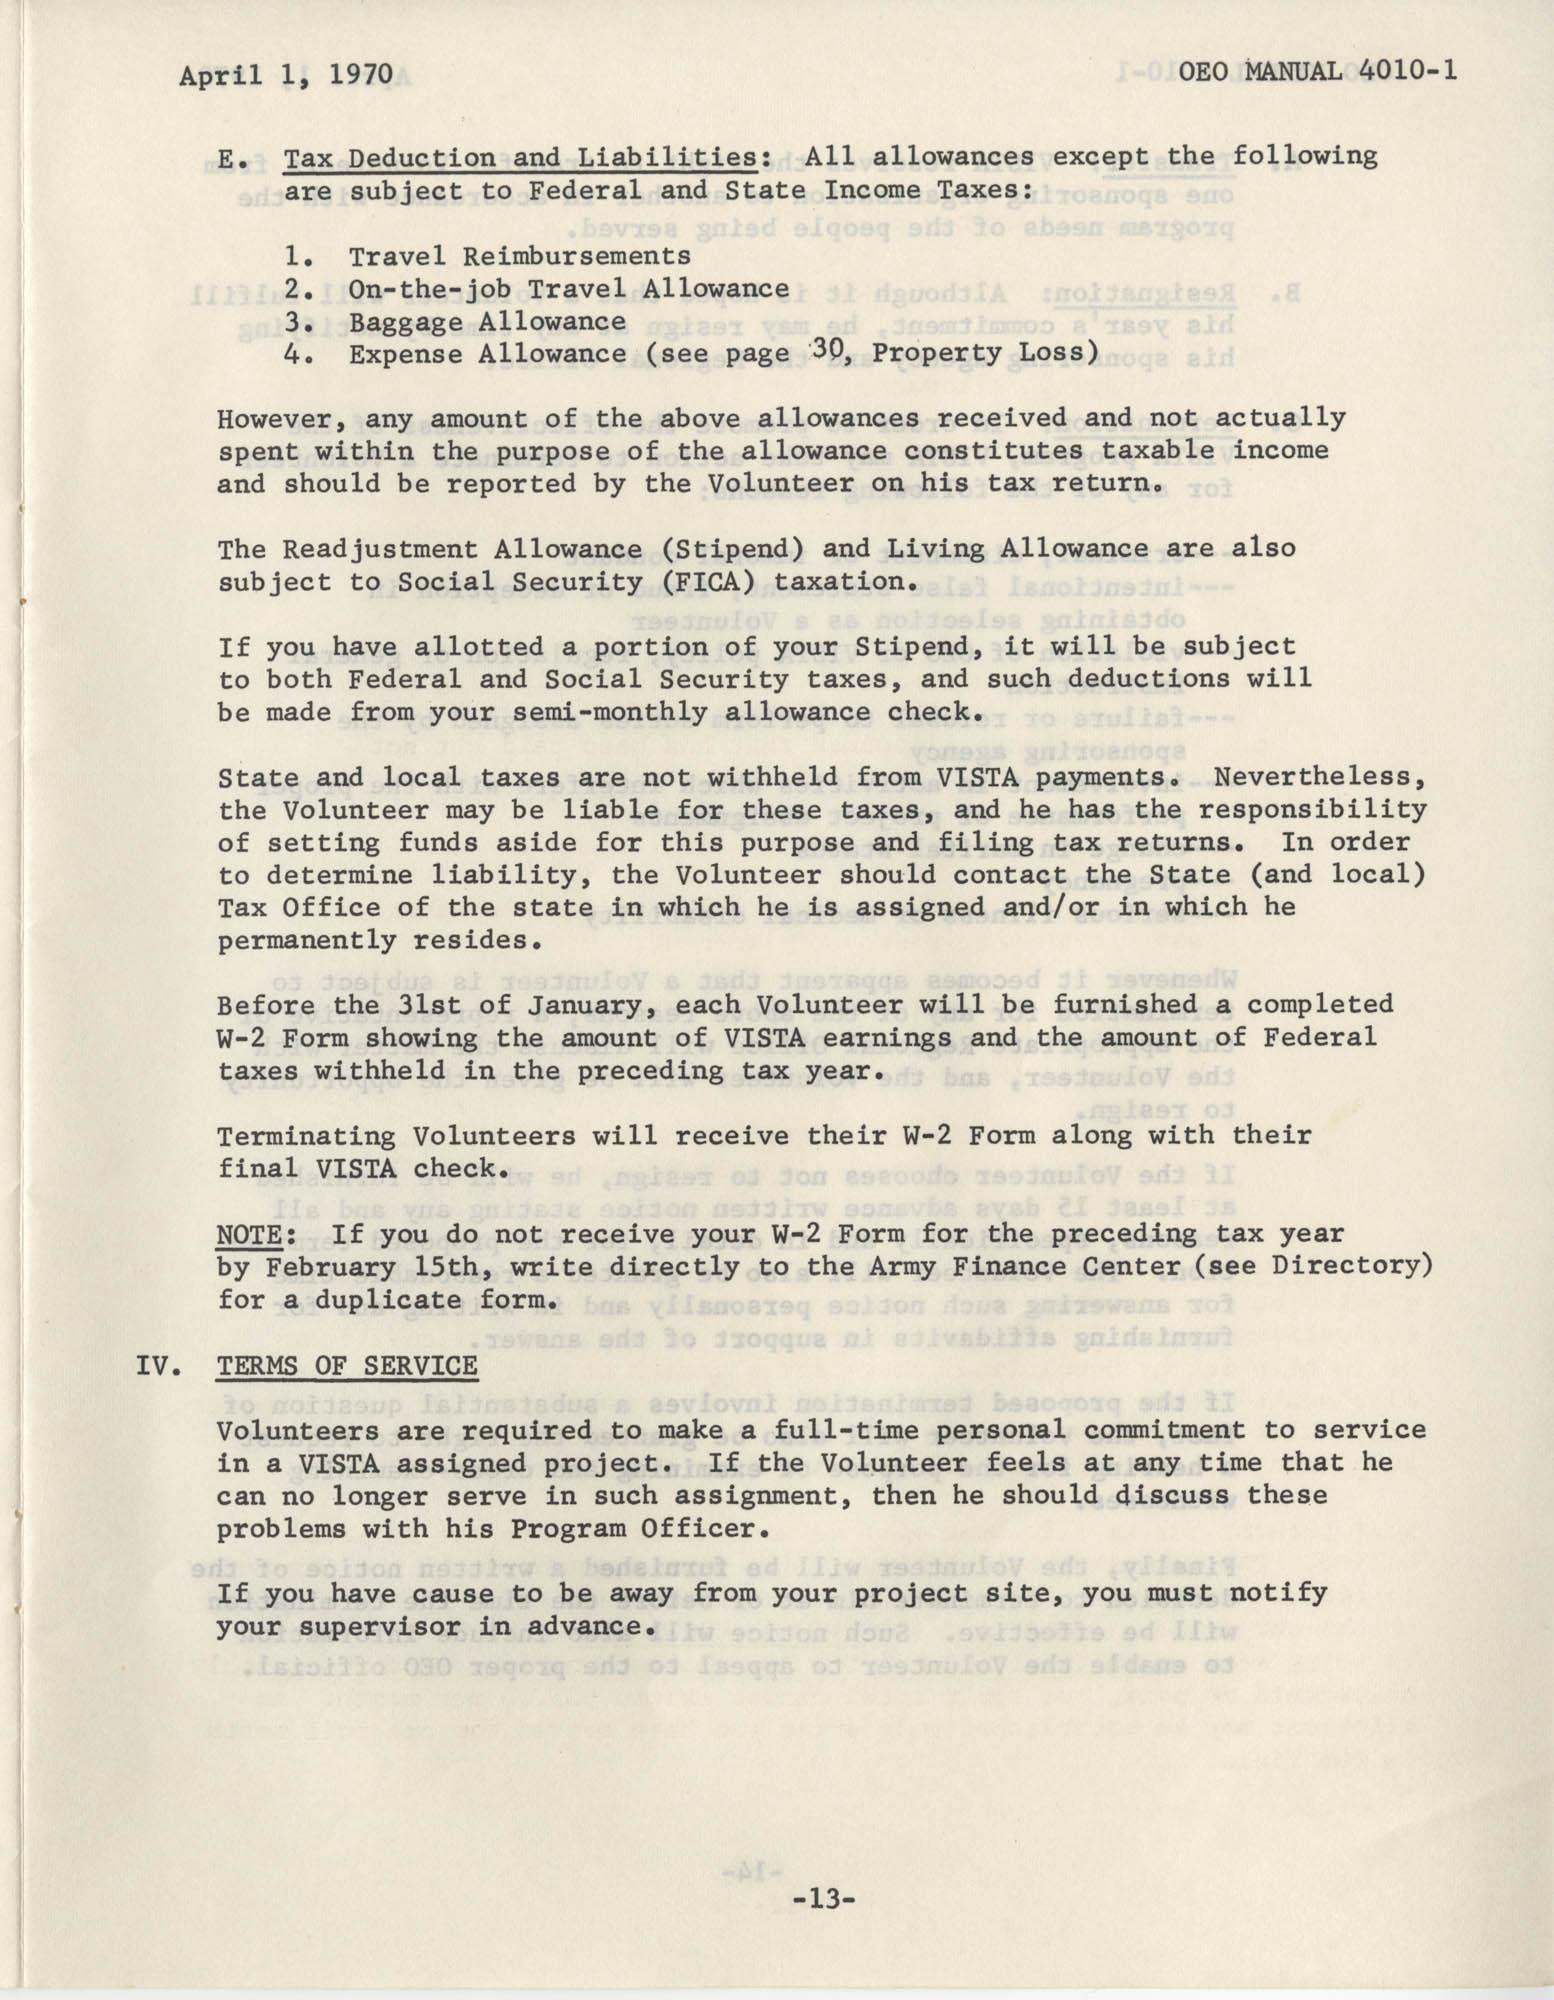 Vista Volunteer Handbook, April 1970, Page 13